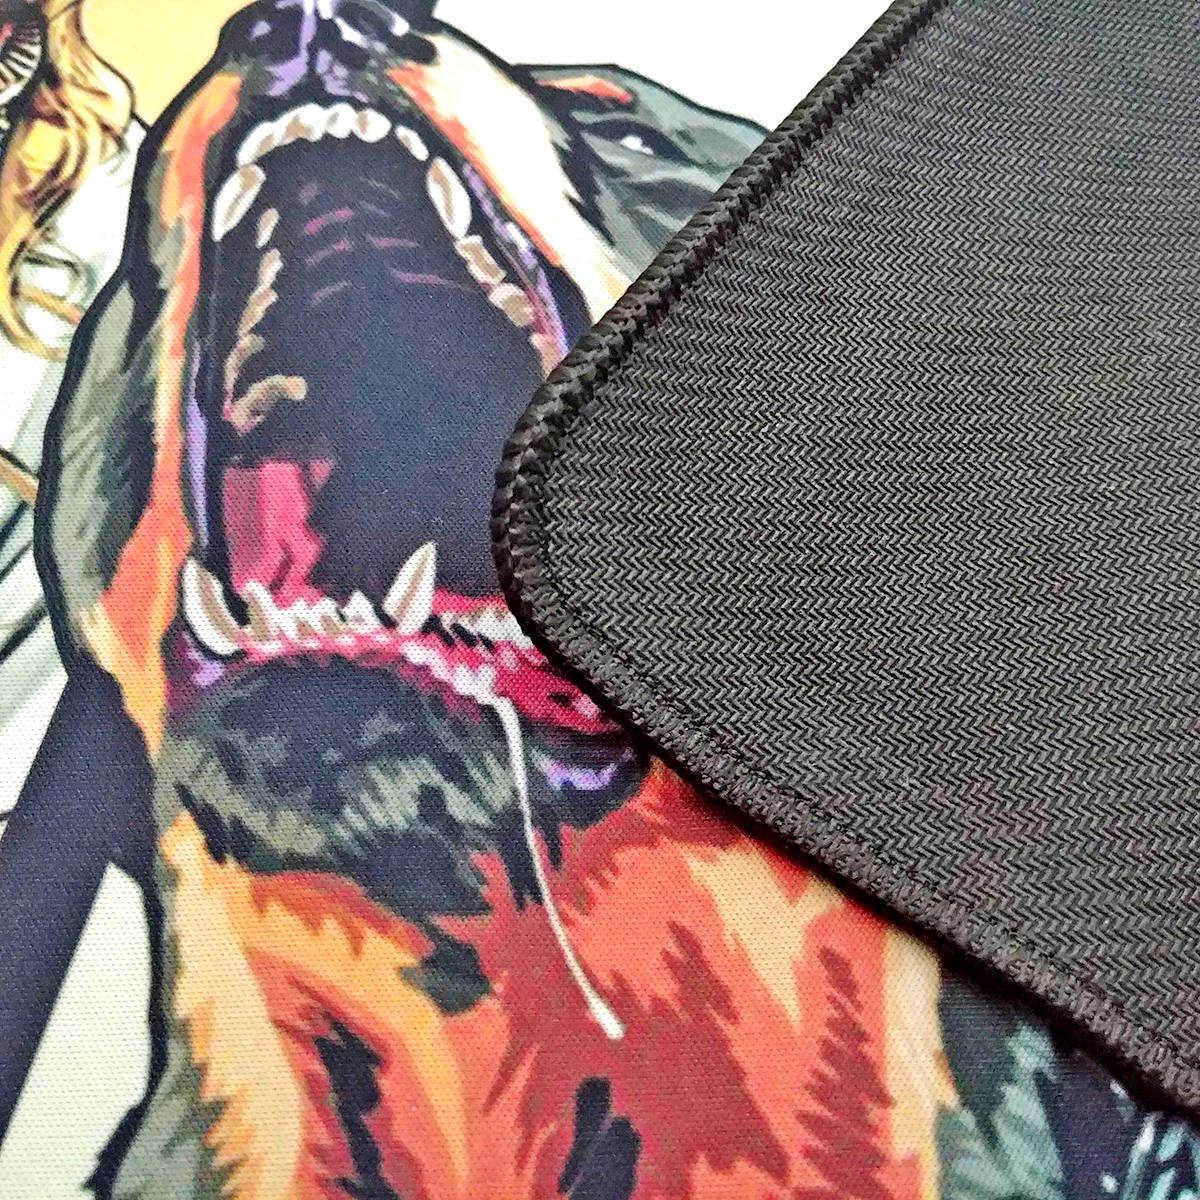 Mouse Pad Gamer Gigante 900x400x3mm com Bordas Costuradas e Base Antiderrapante Exbom MP9040 G.T.A.